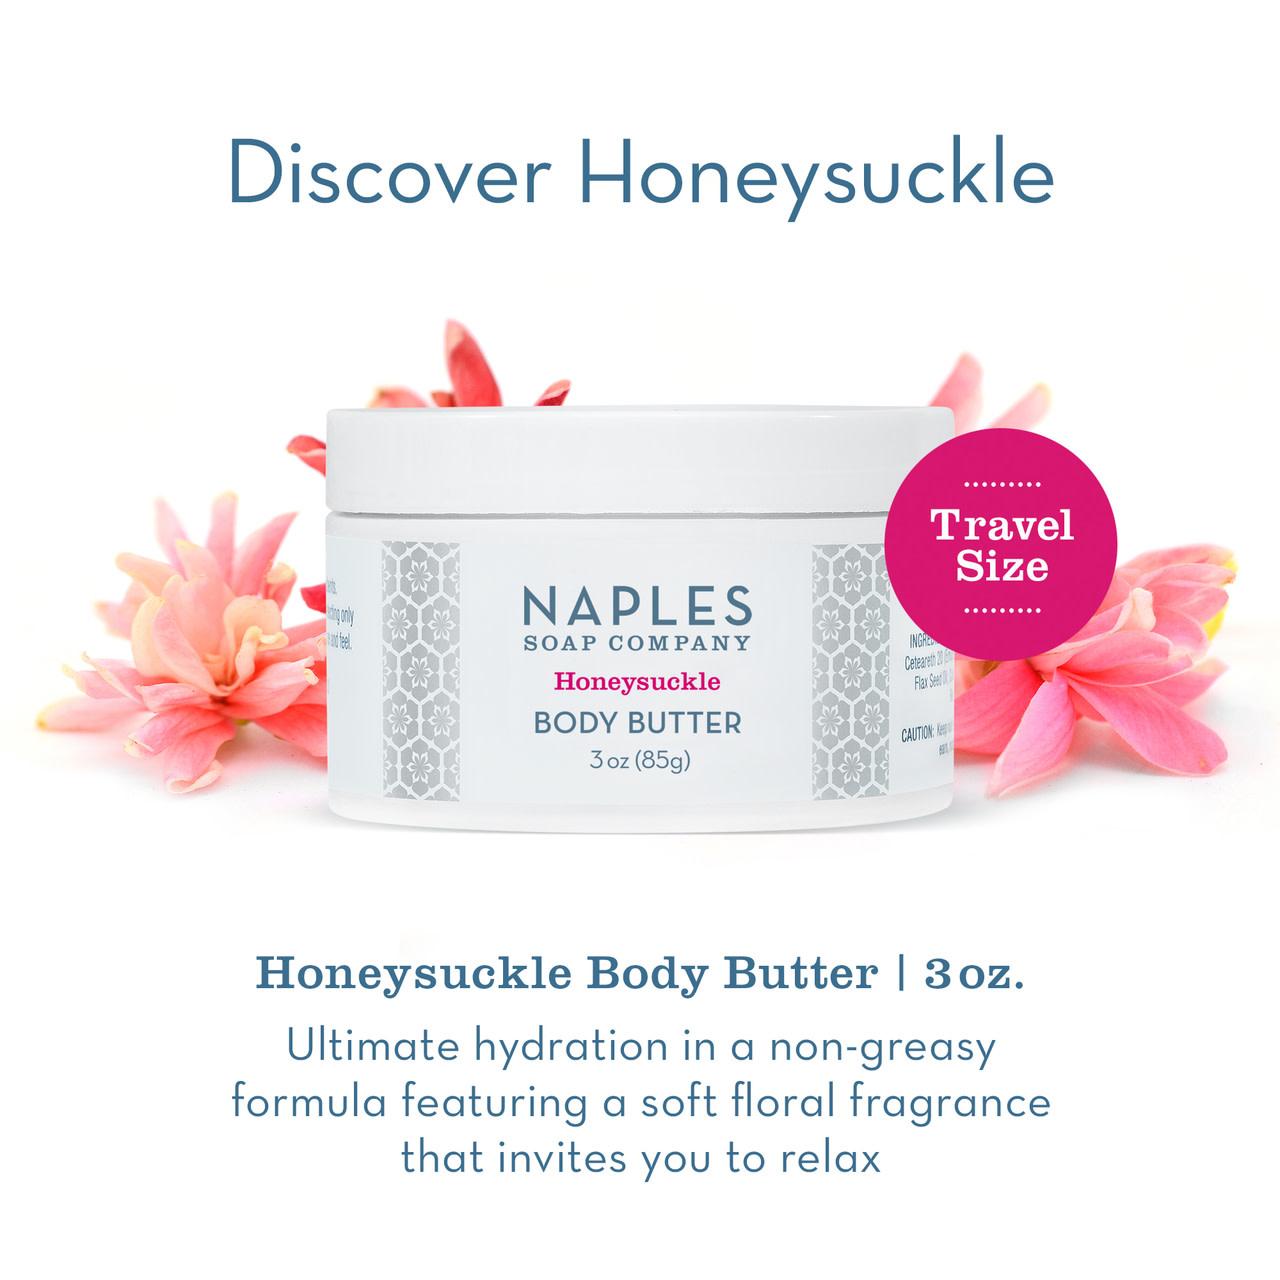 Naples Soap Co. Honeysuckle Body Butter 3 oz